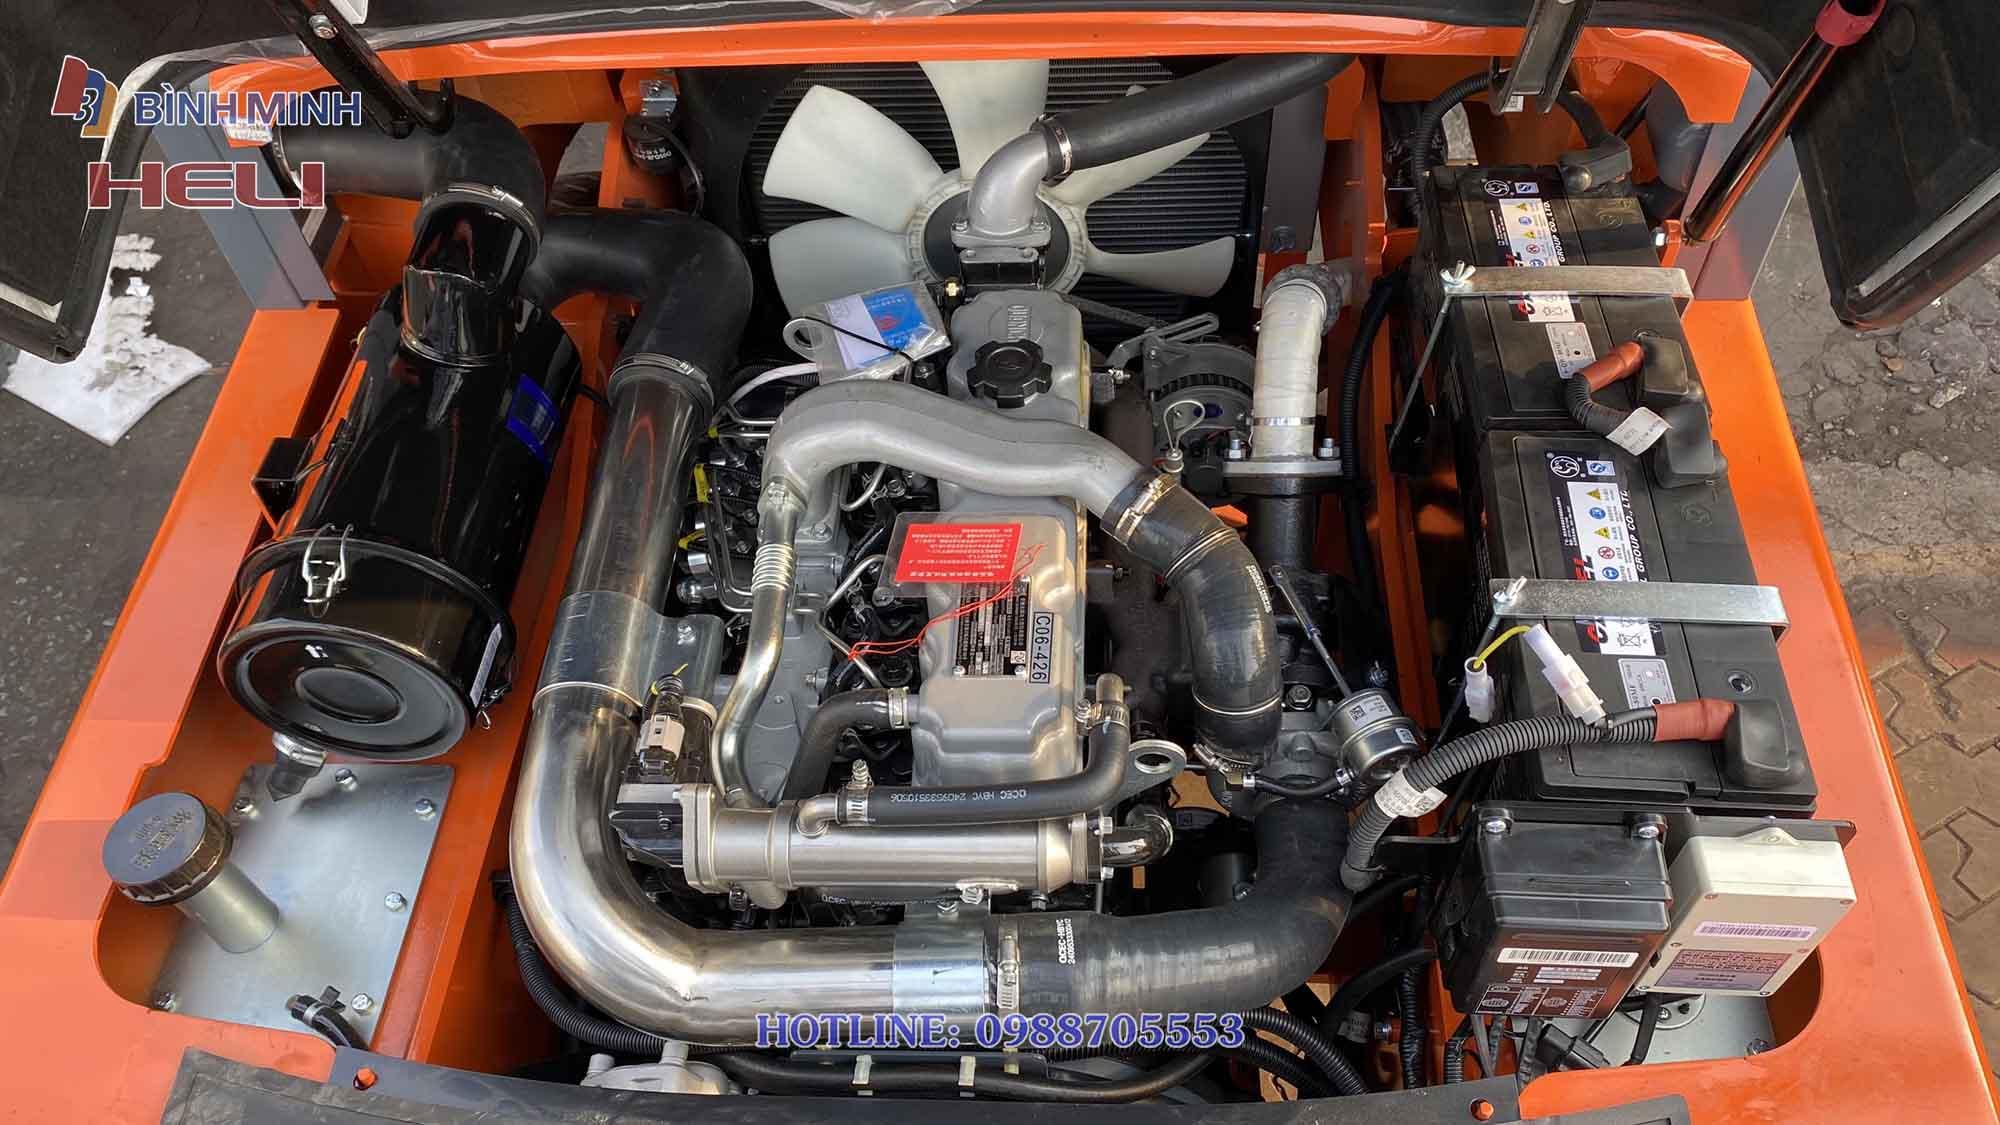 Động cơ Quanchai 4C6-85U32